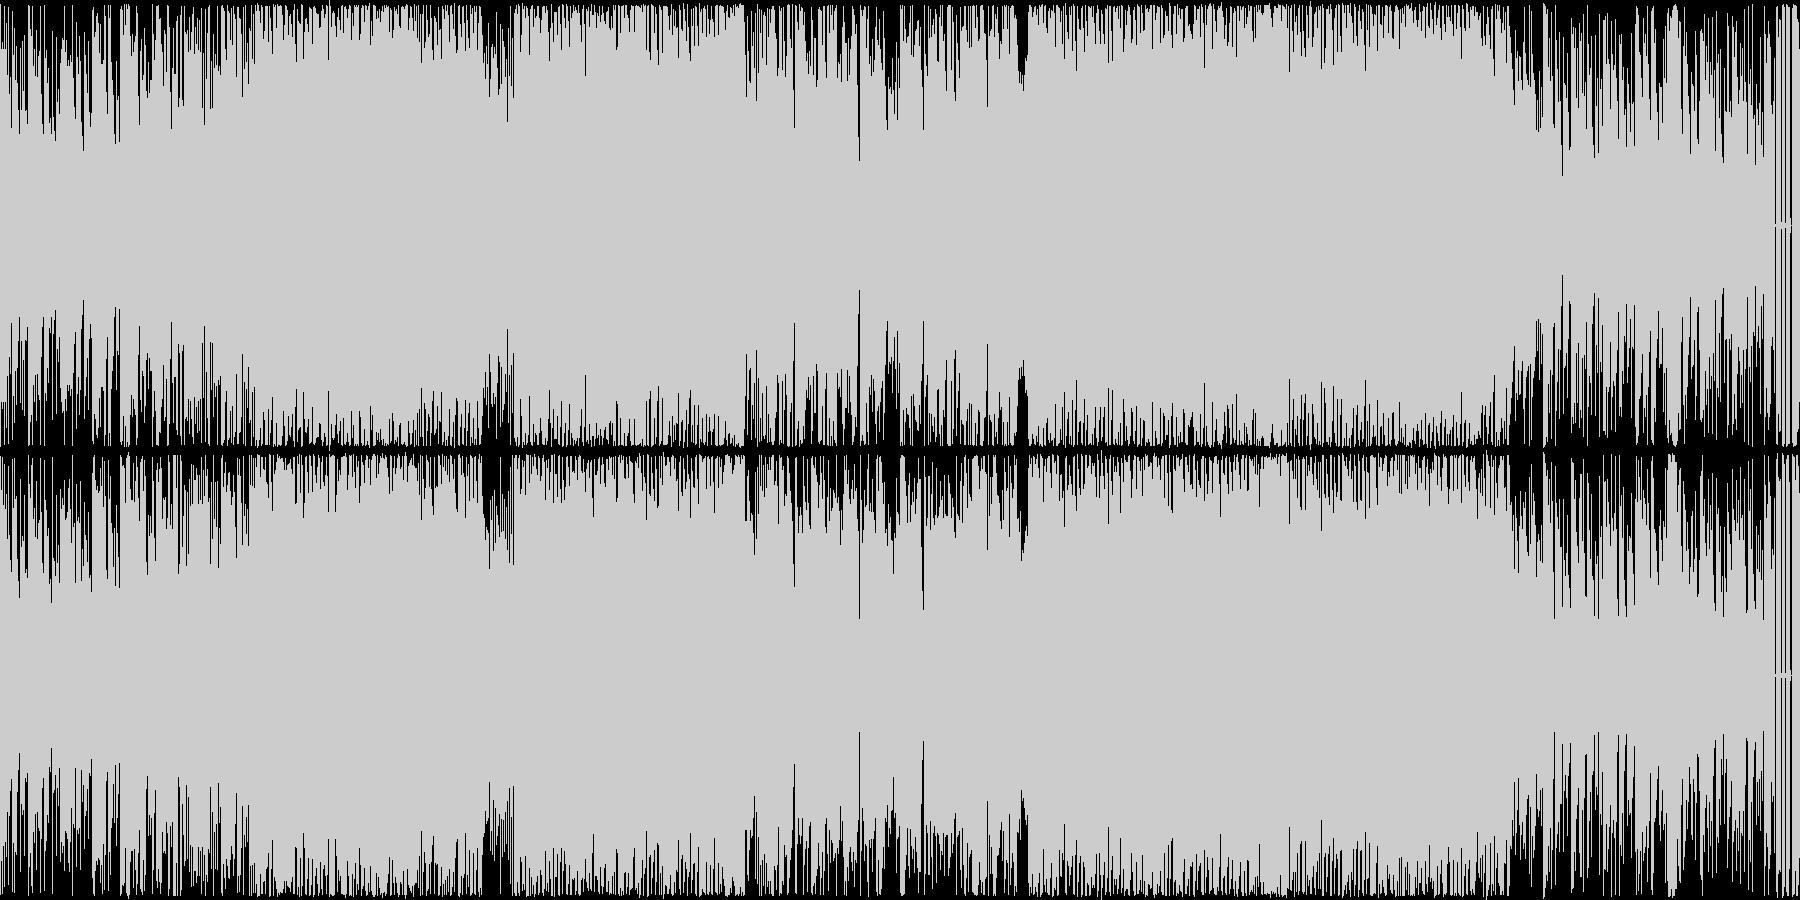 心がウキウキEDM的テクノポップ ループの未再生の波形